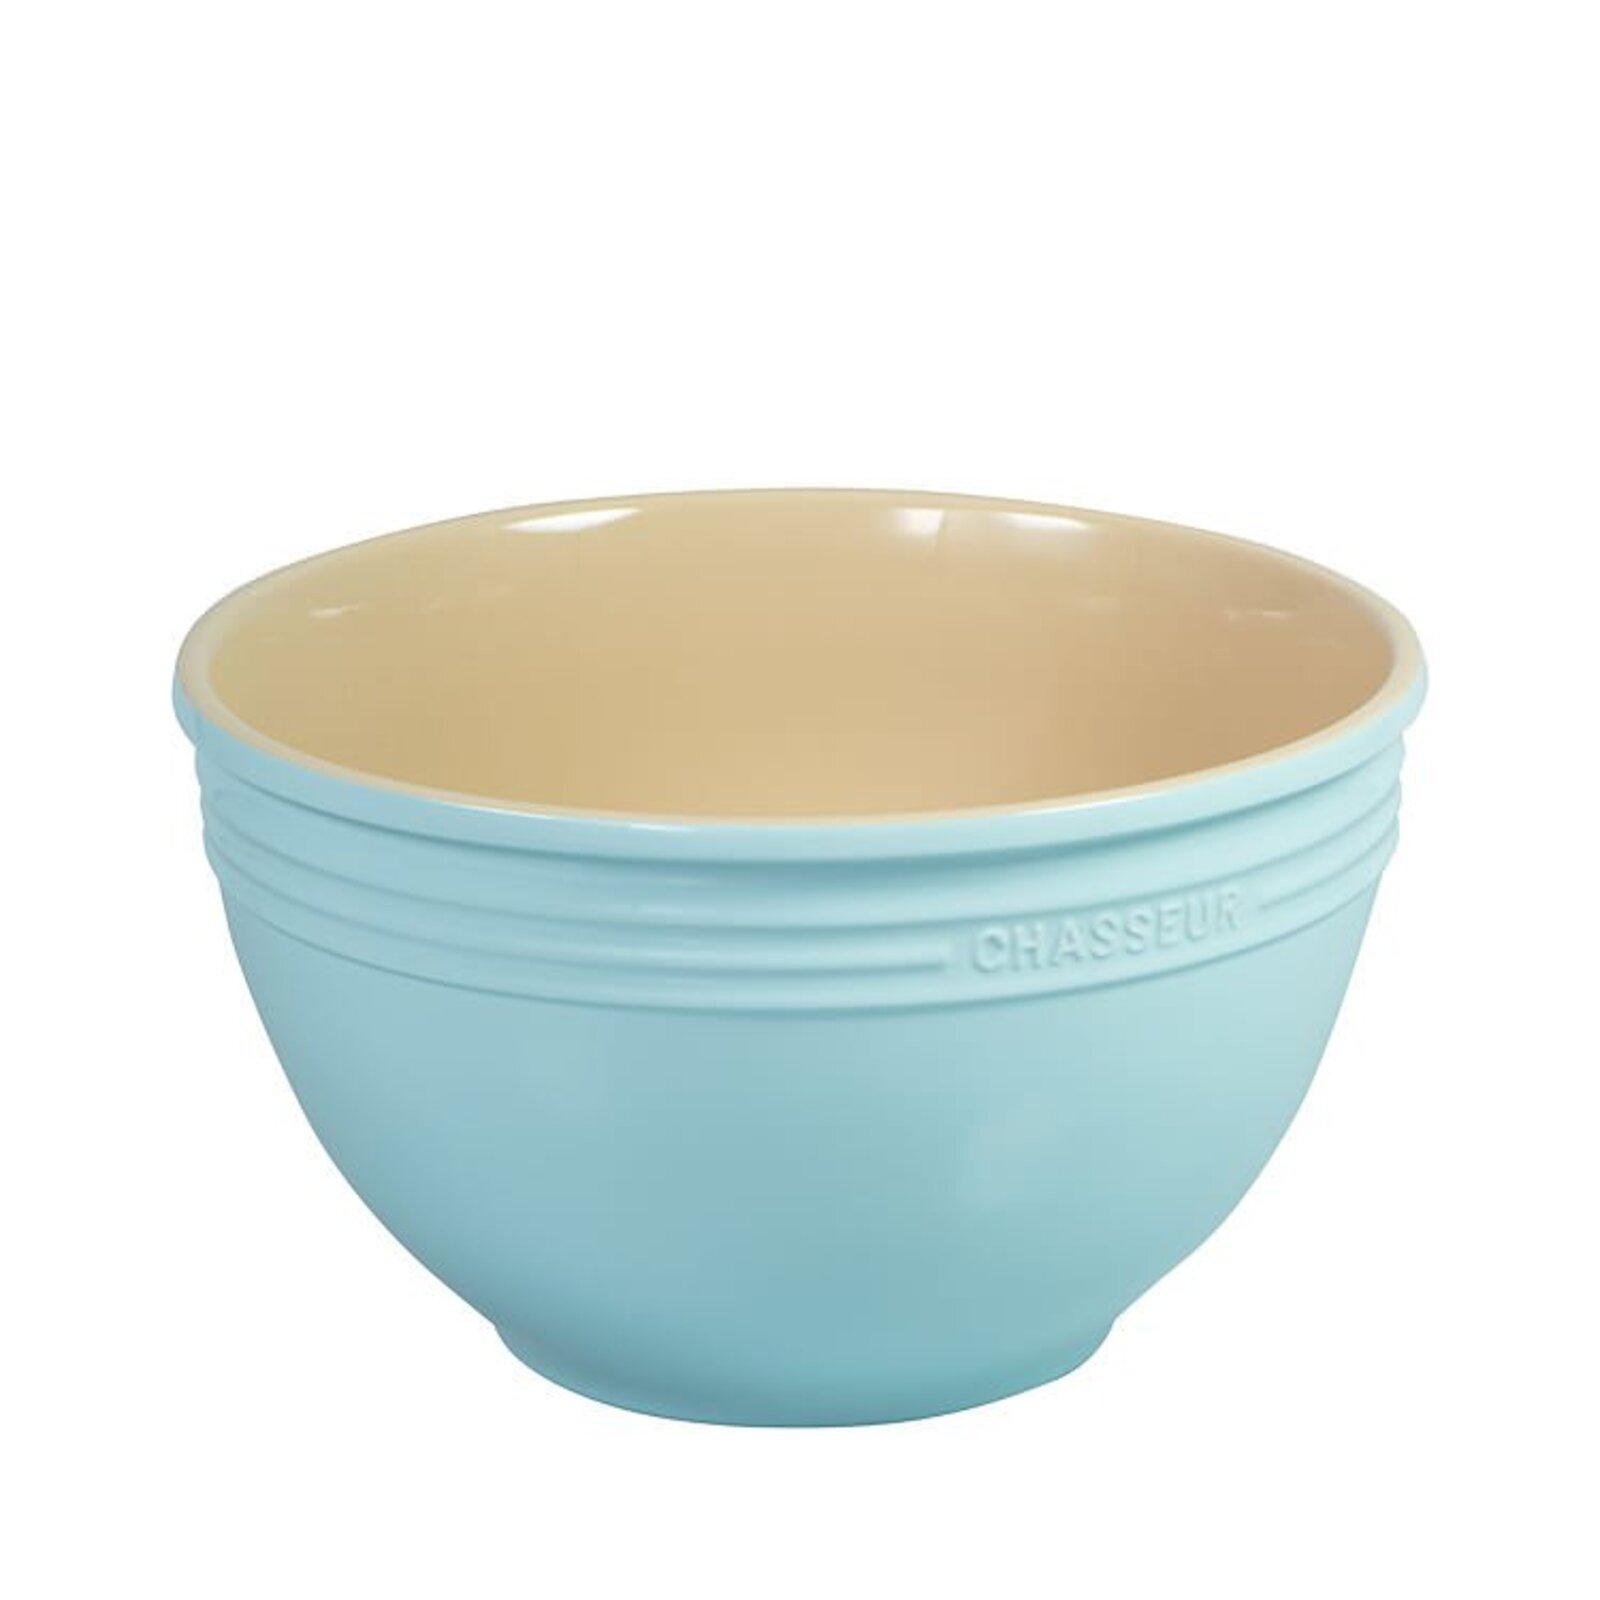 Chasseur La Cuisson Mixing Bowl 24cm - 3.5L Duck Egg Blue